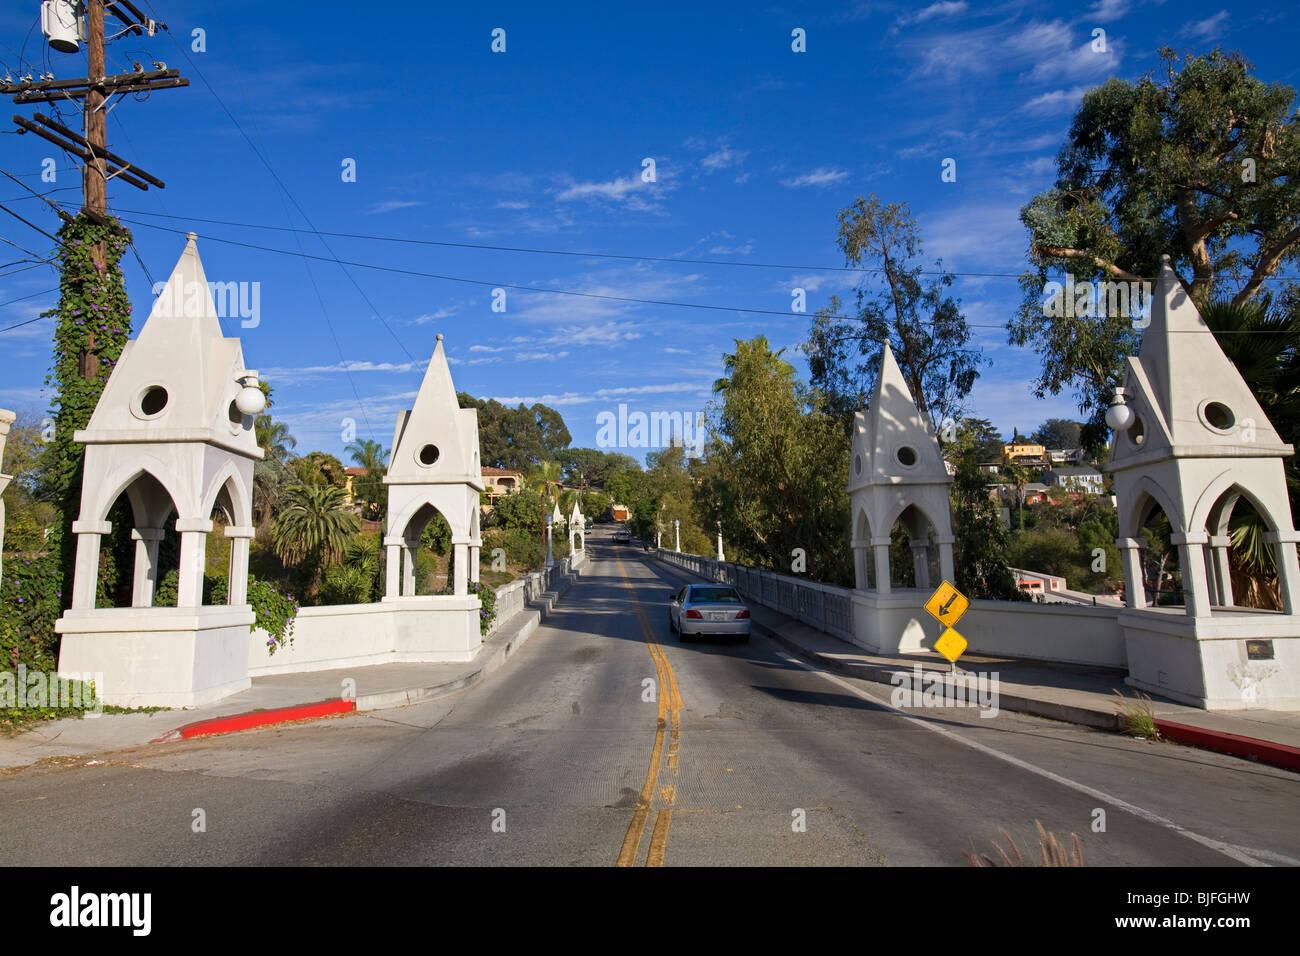 Puente de Shakespeare, Los Feliz, Los Ángeles, California, Estados Unidos. Imagen De Stock